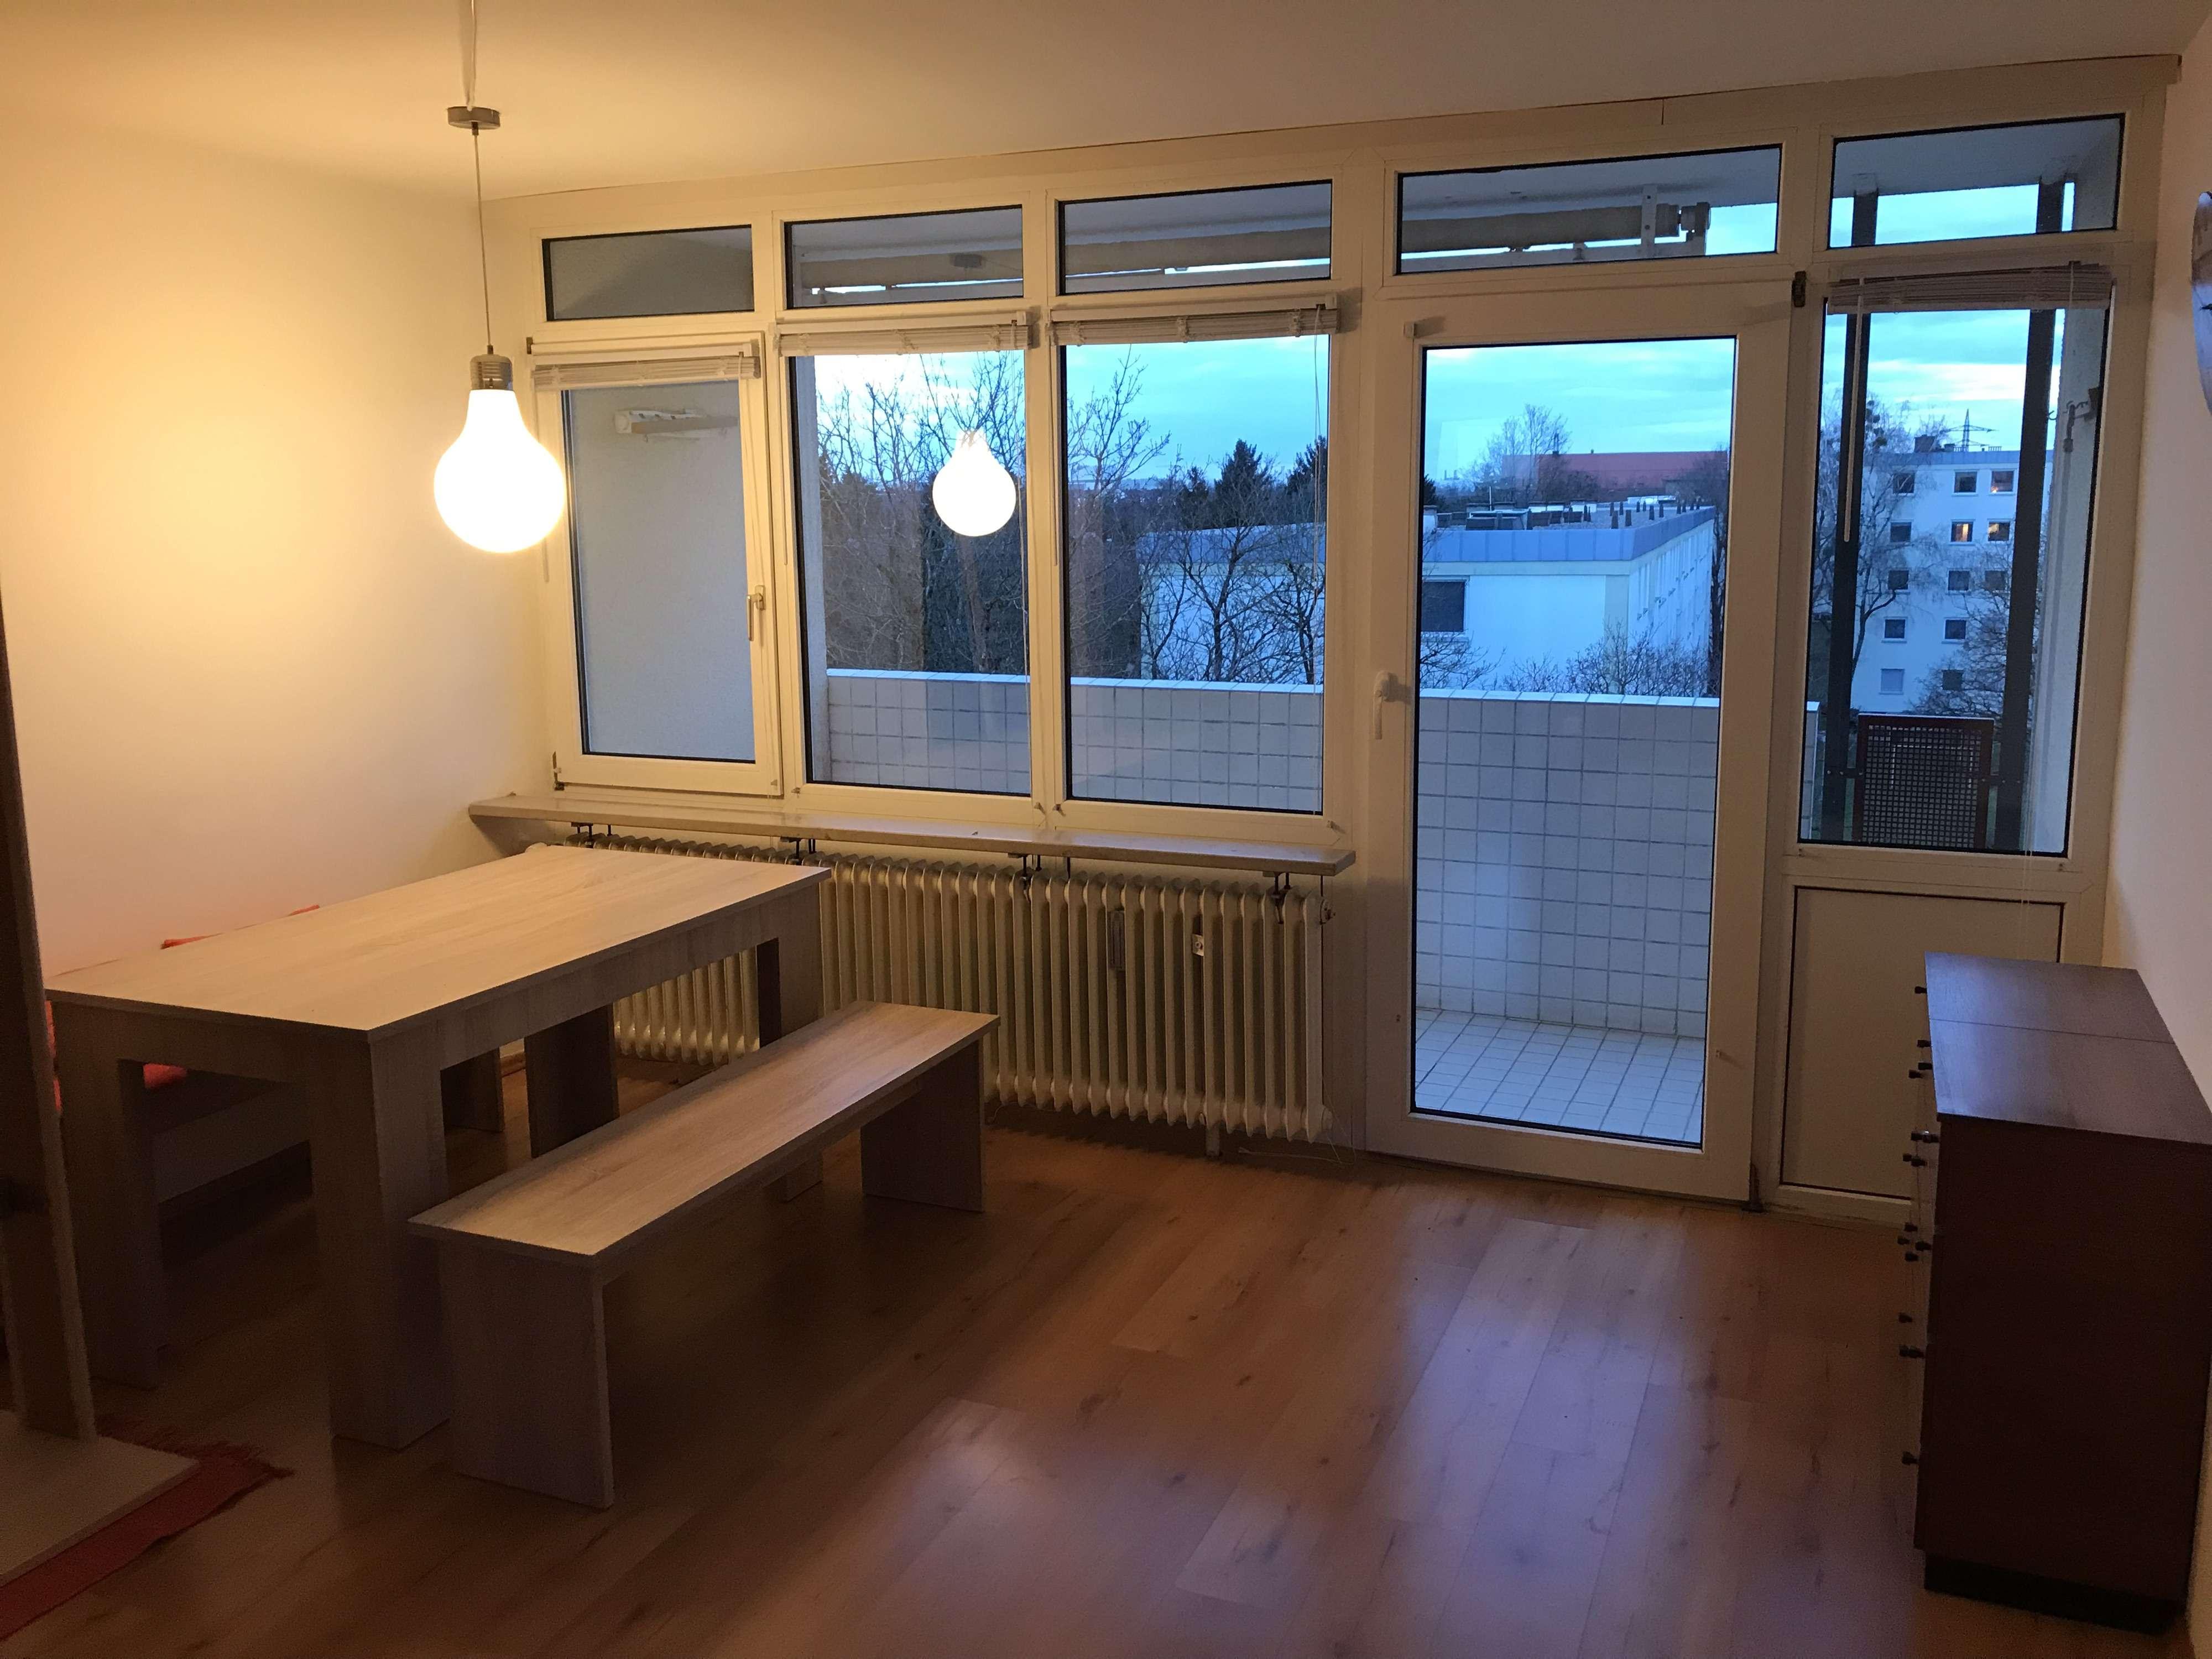 2.000 €, 75 m², 4 Room(s) in Freimann (München)